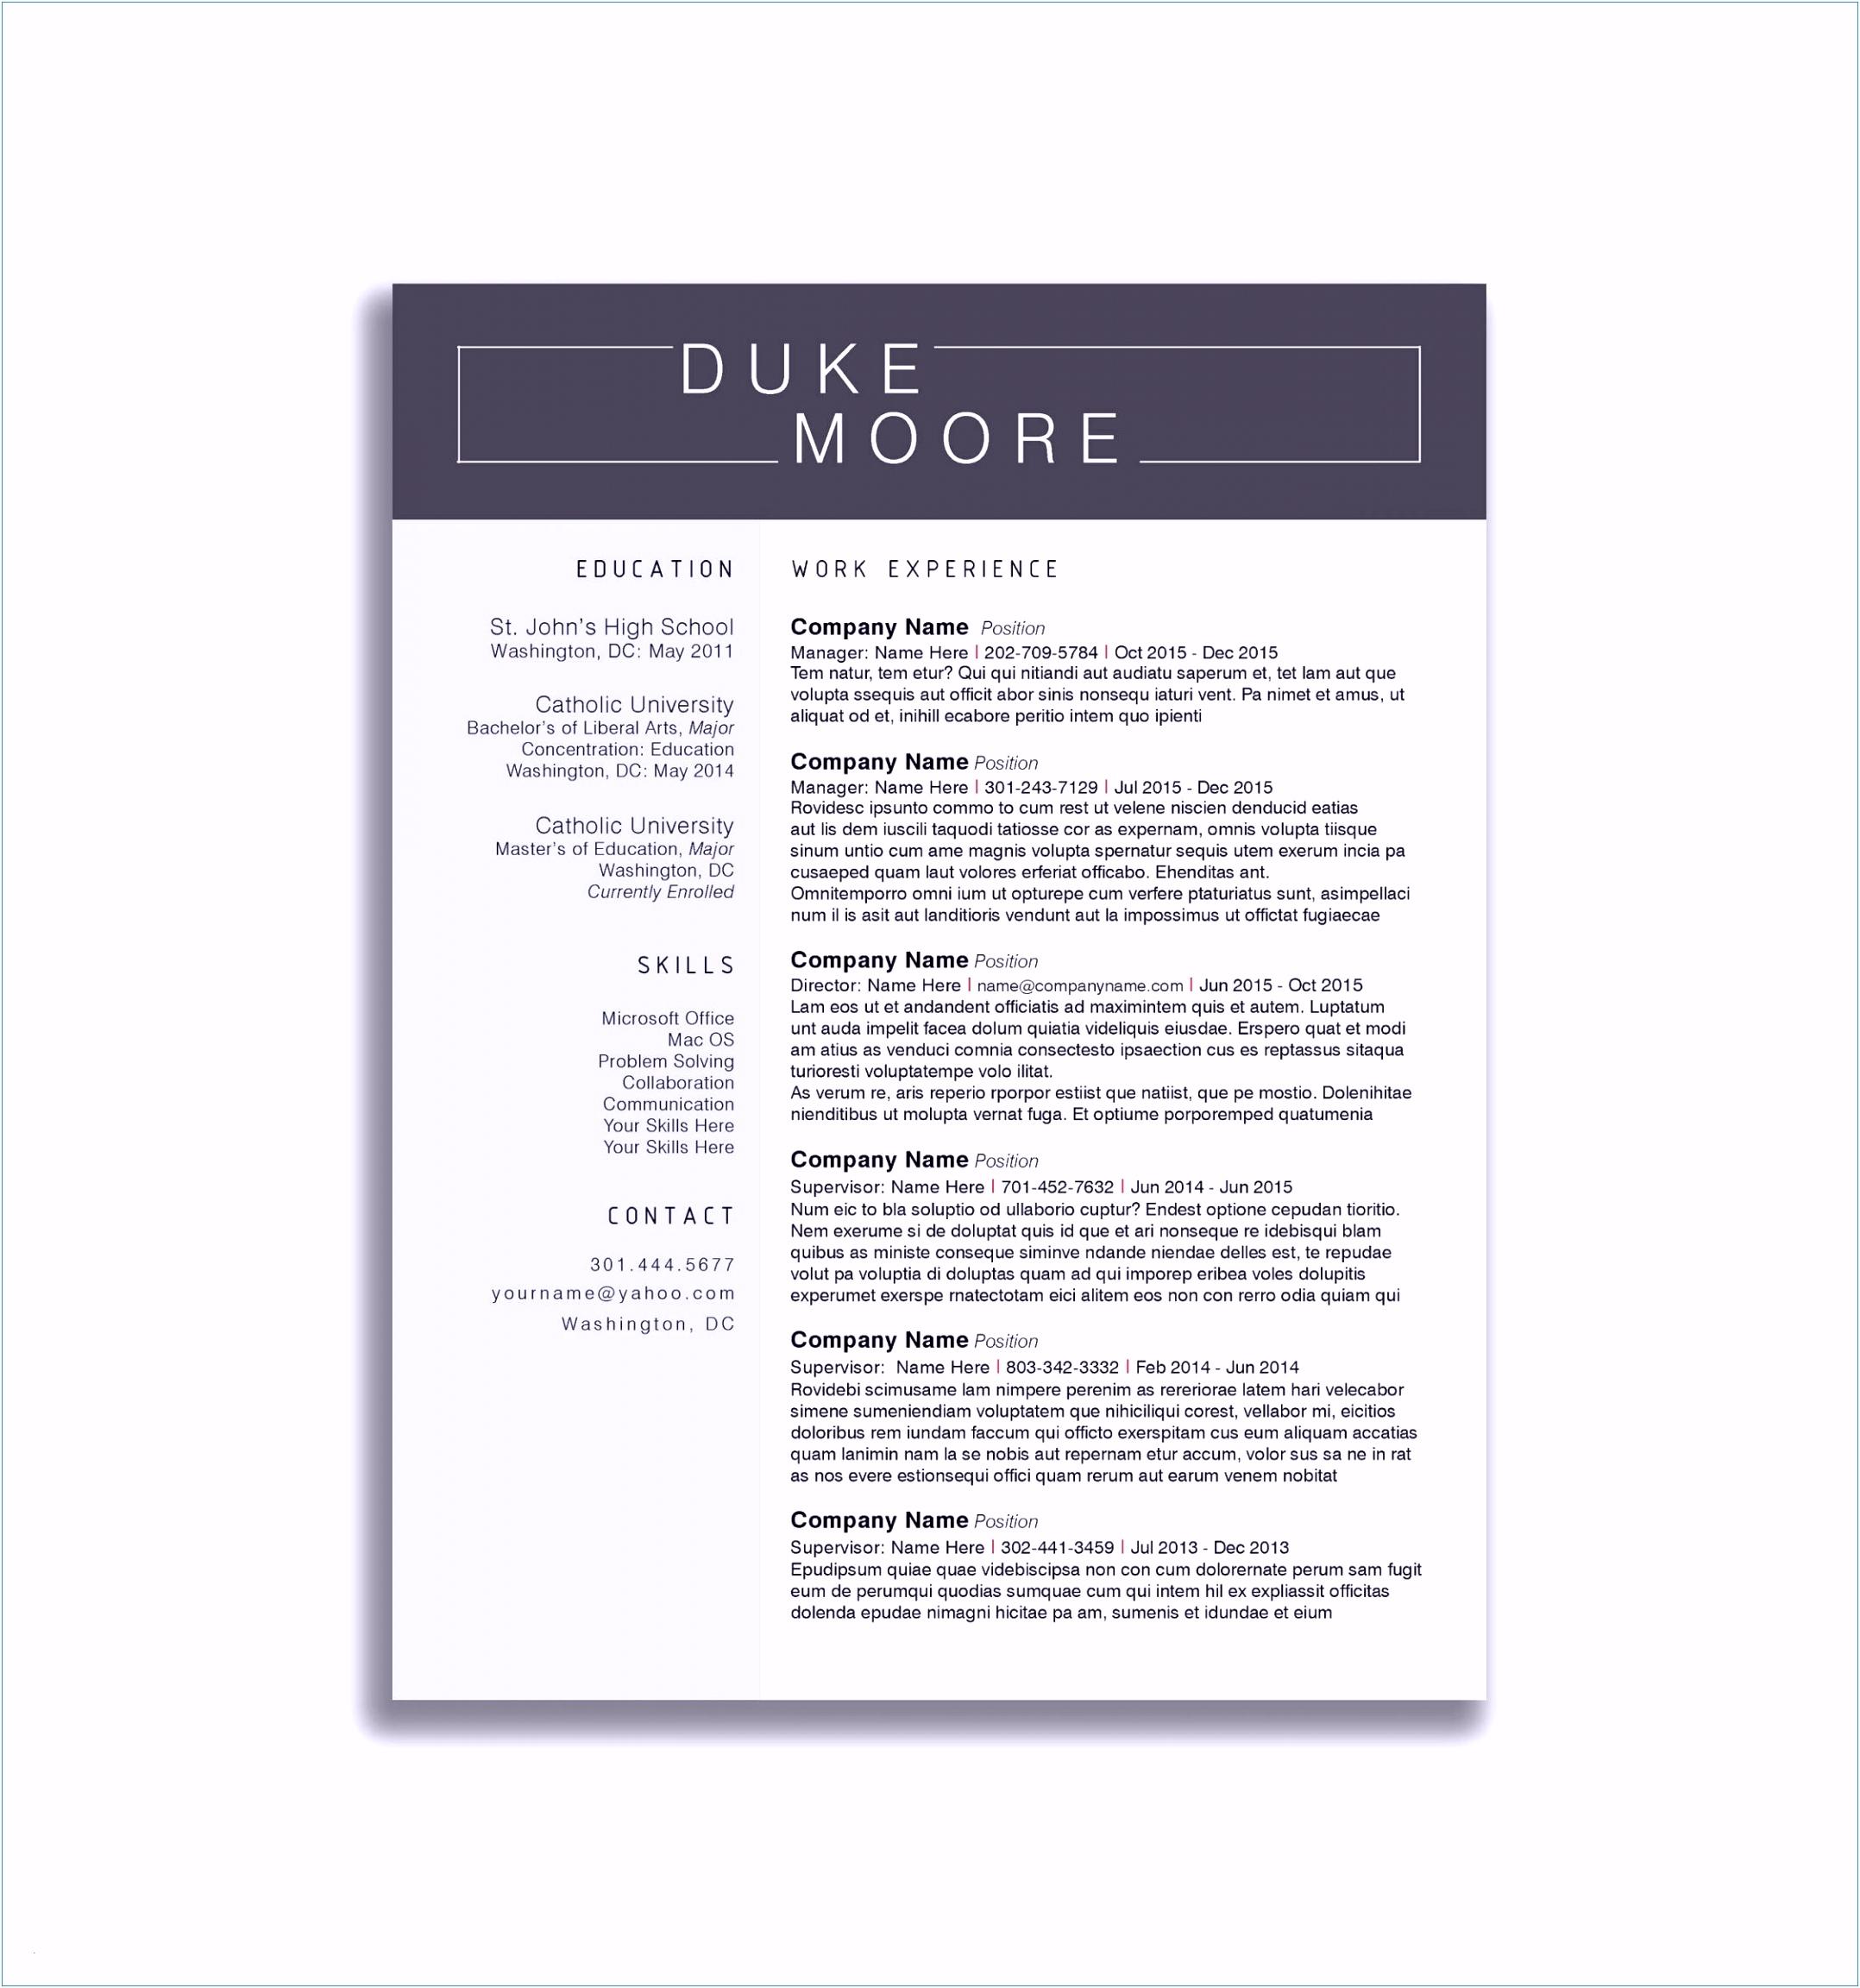 Kundigung Ausbildungsverhaltnis Vorlage Bau Tagesbericht Vorlage Einzigartig 40 Idee Lebenslauf Für C9nu21h5z4 T5wku4hdqv